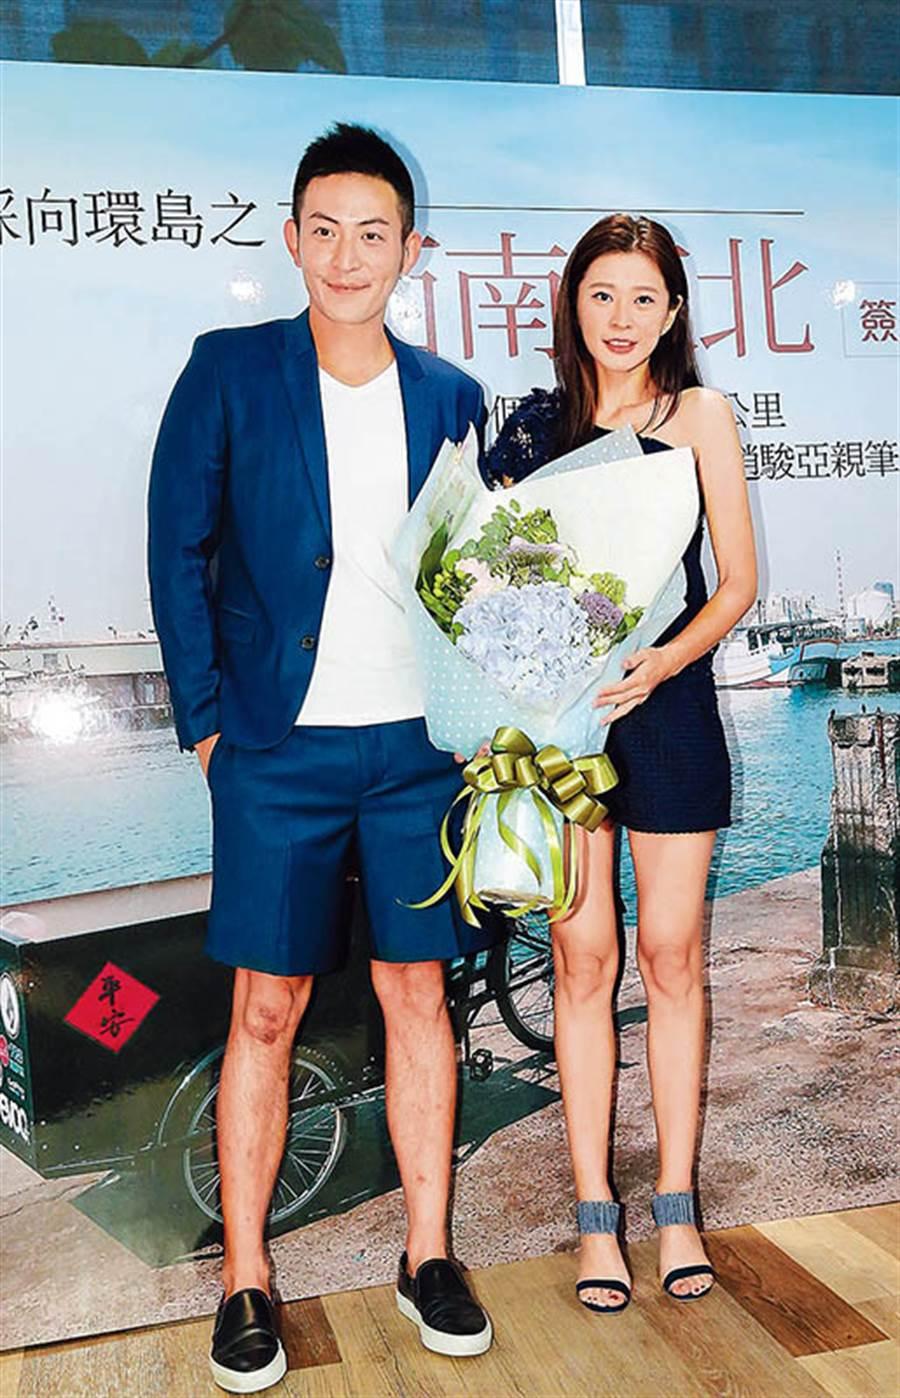 趙駿亞也跟李燕有過一段情,他出書時李燕還情義相挺站台。(圖/報系資料庫)